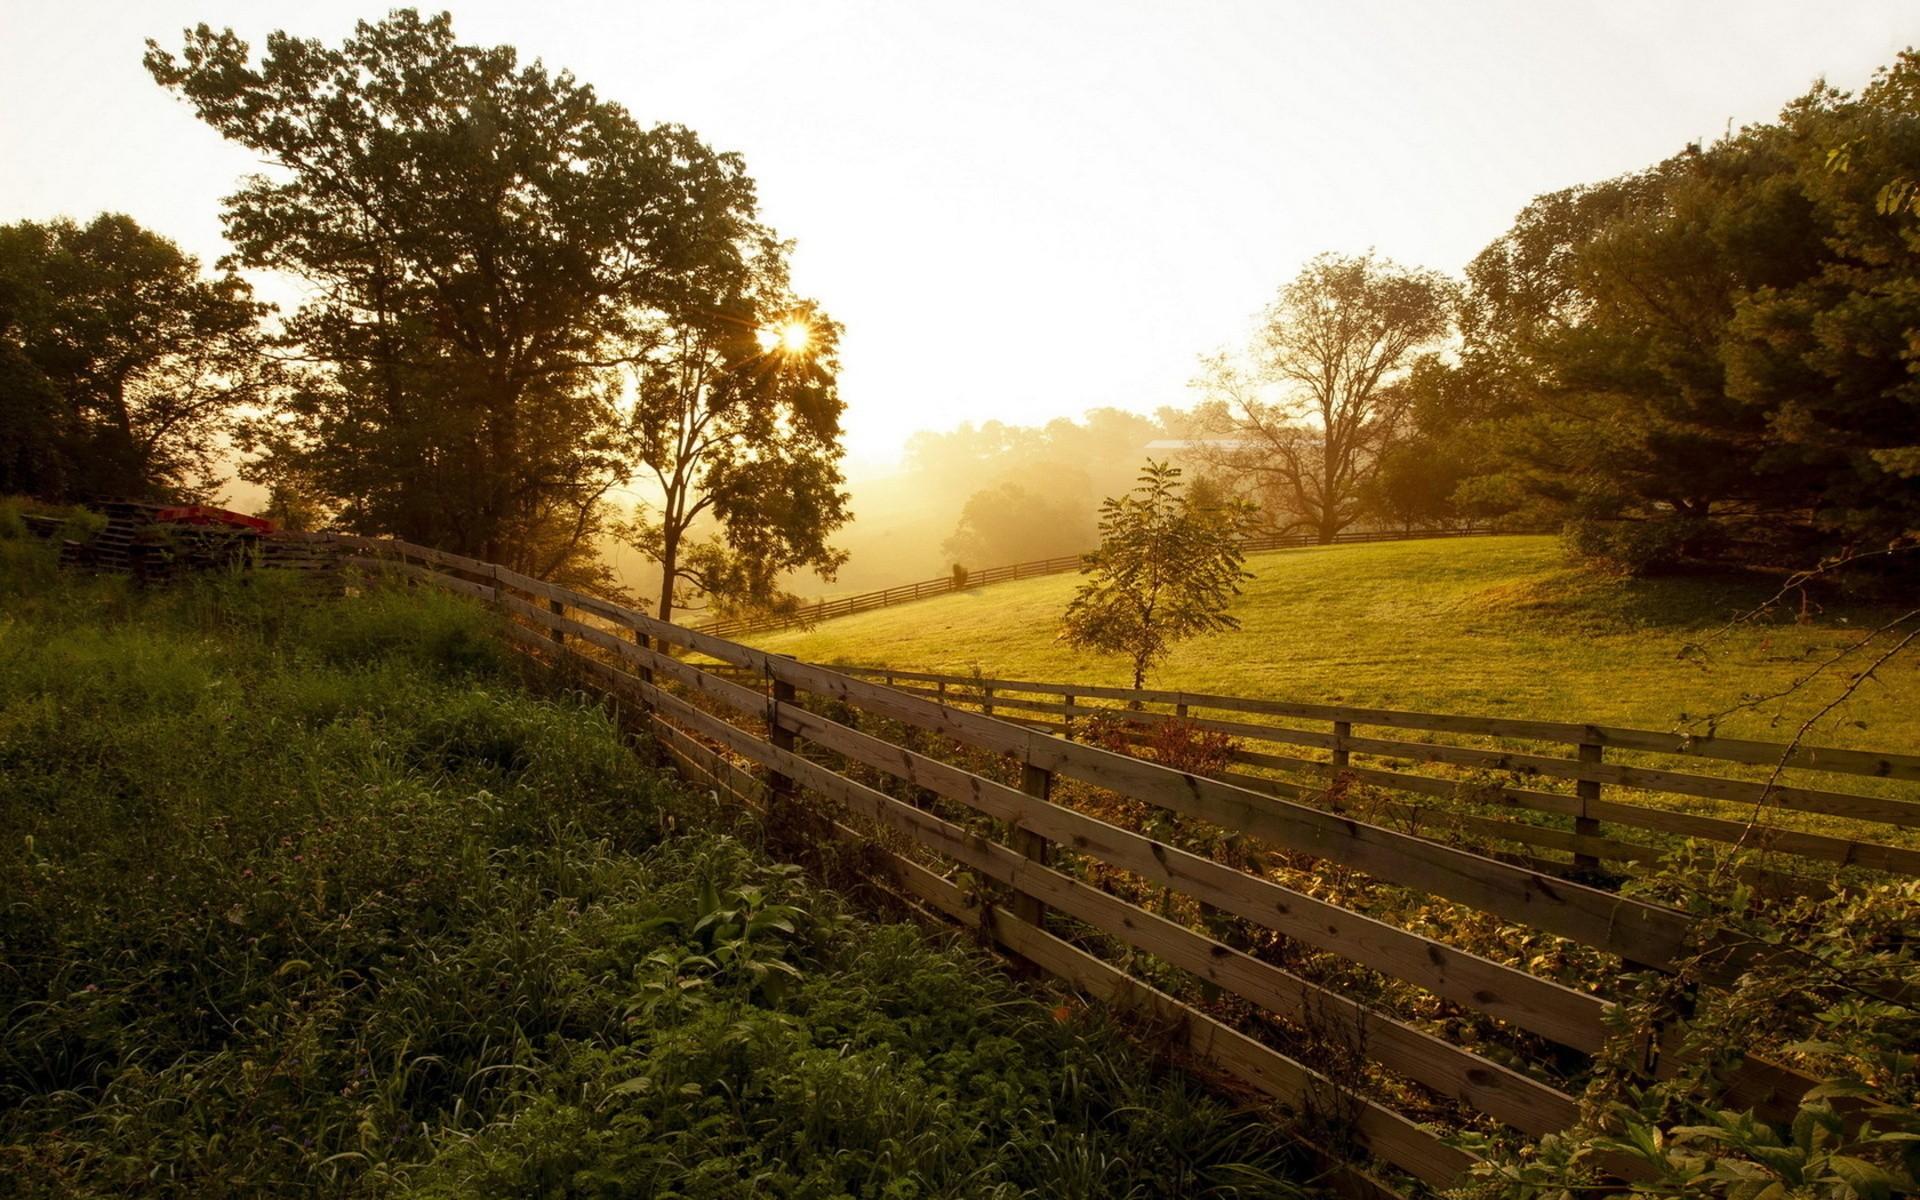 hintergrundbilder sonnenlicht b ume landschaft wald sonnenuntergang h gel natur gras. Black Bedroom Furniture Sets. Home Design Ideas